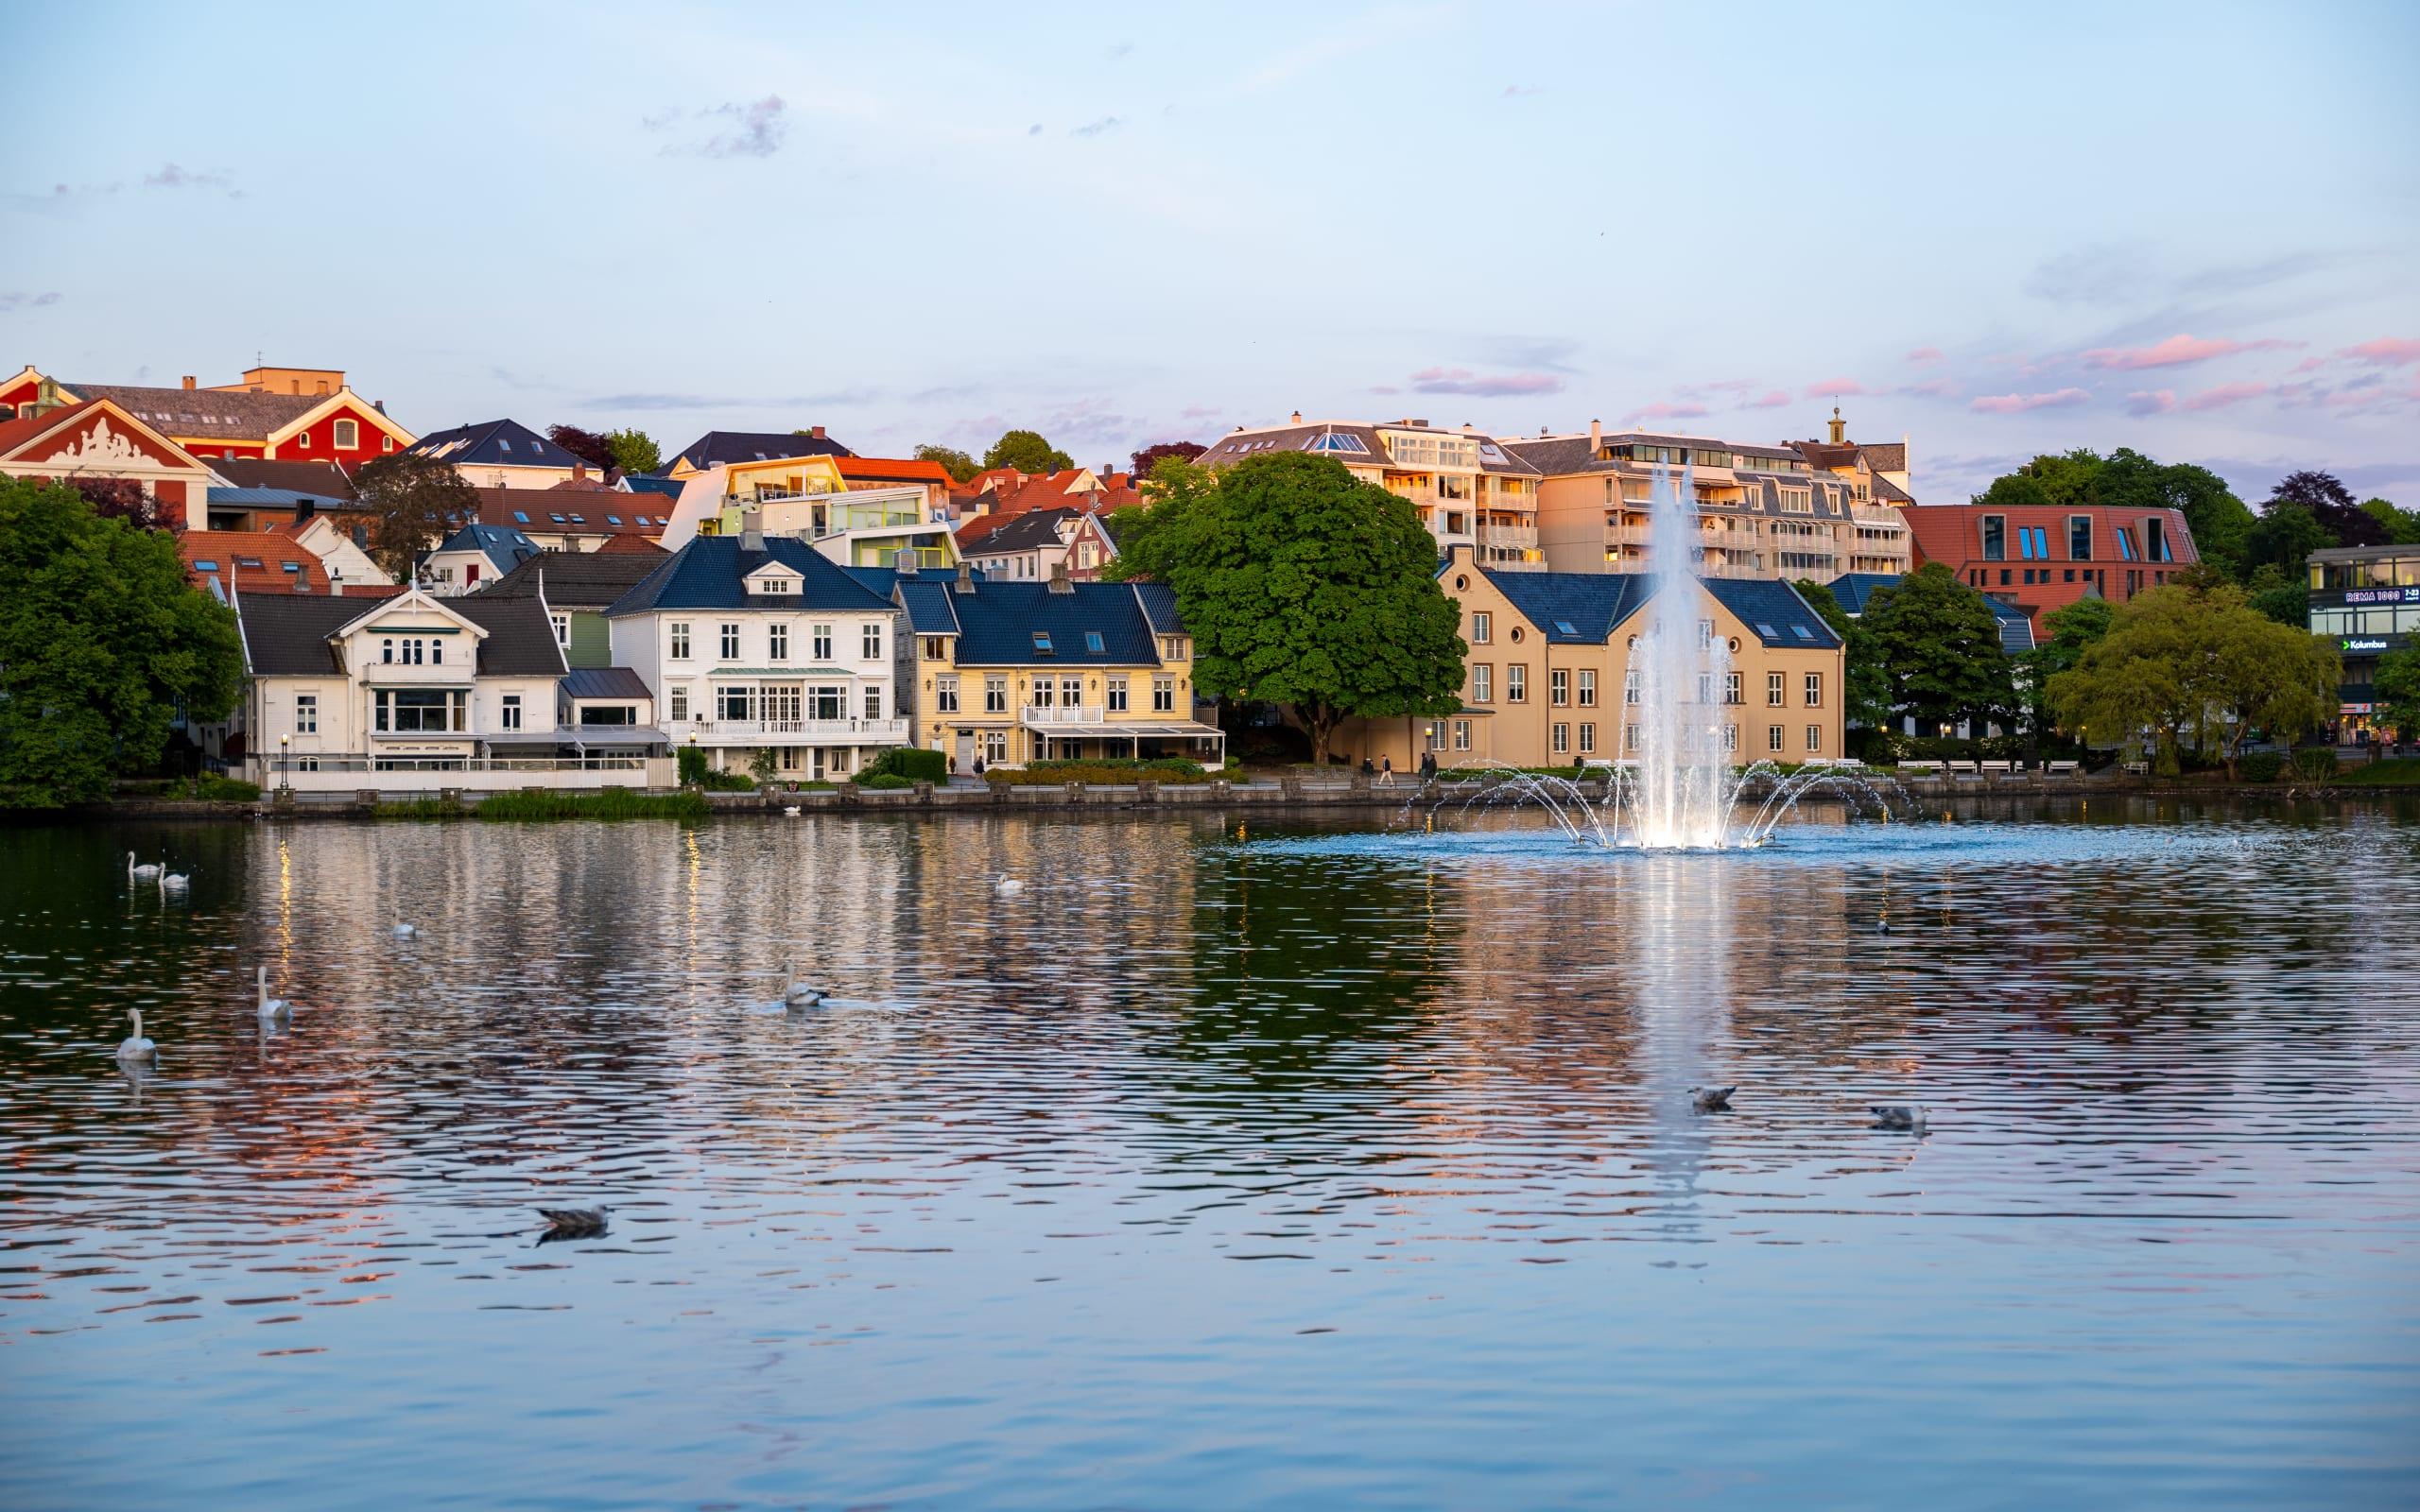 Breiavatnet lake in Stavanger